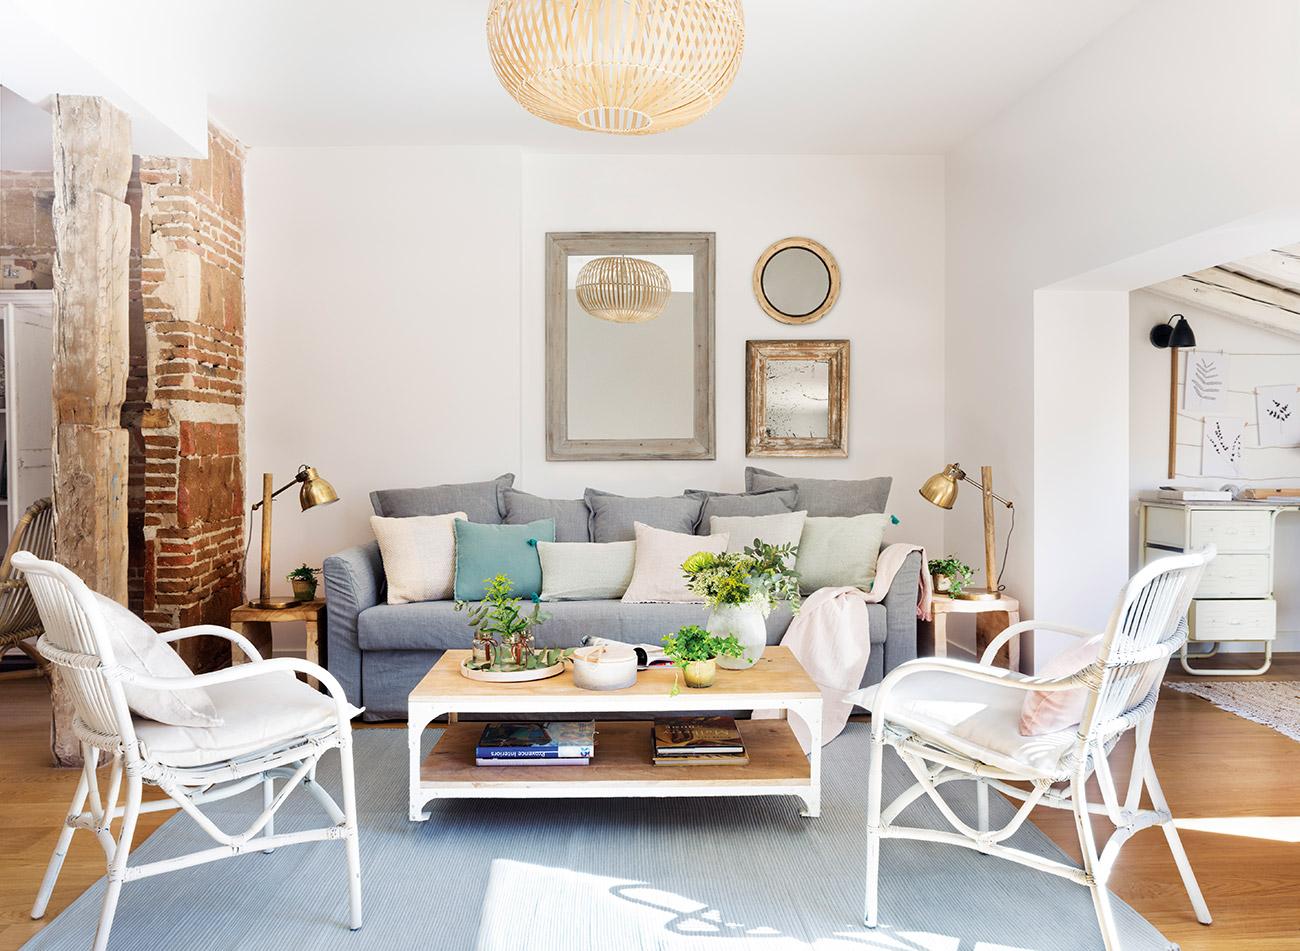 Ideas para aprovechar al m ximo el espacio de un piso peque o for Como decorar un piso pequeno moderno